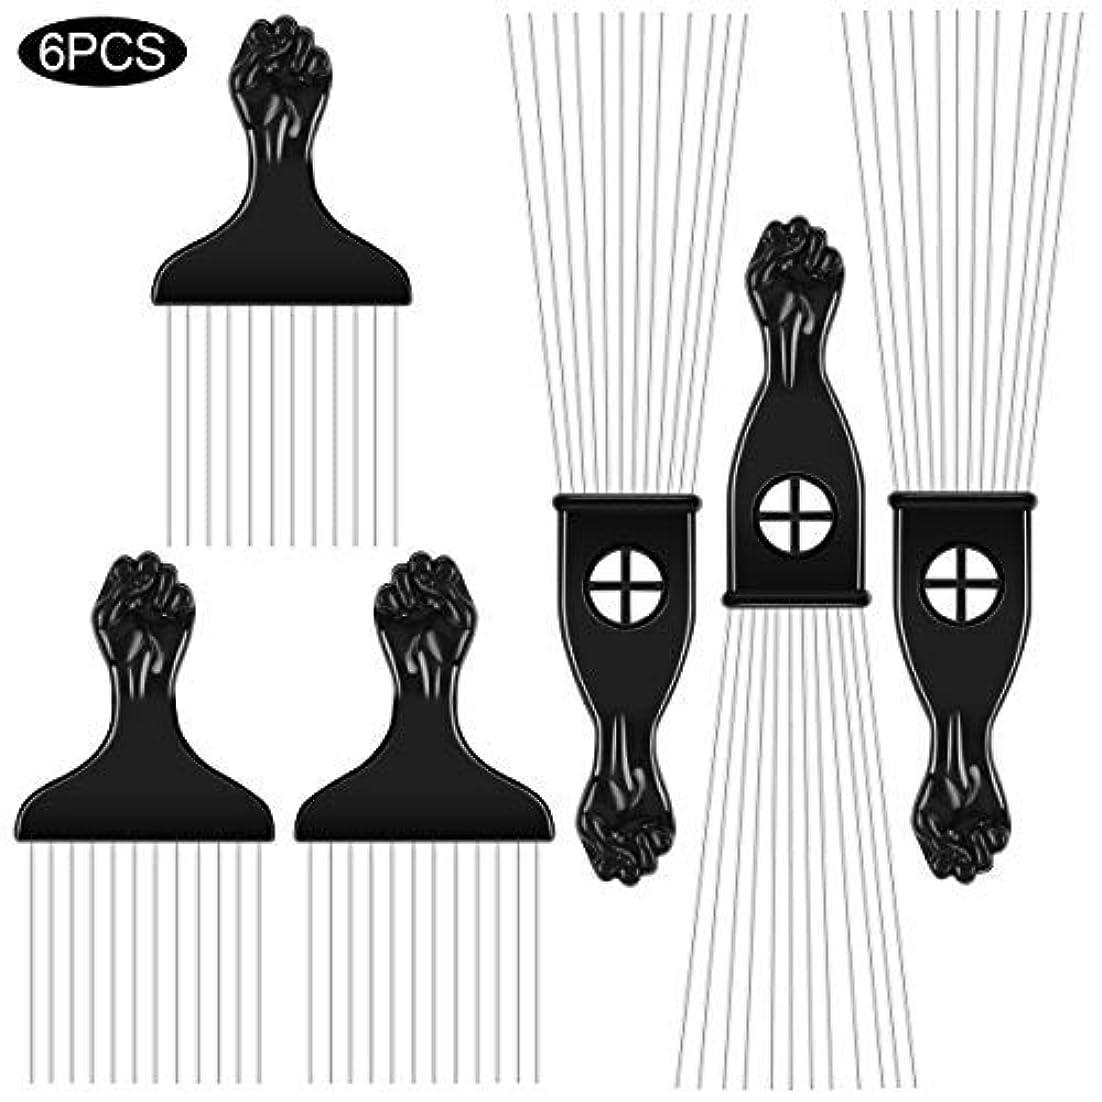 感嘆符空白ショップ6PCS Afro Combs Metal African American black Fist Pick Comb Hairdressing Styling Tool [並行輸入品]